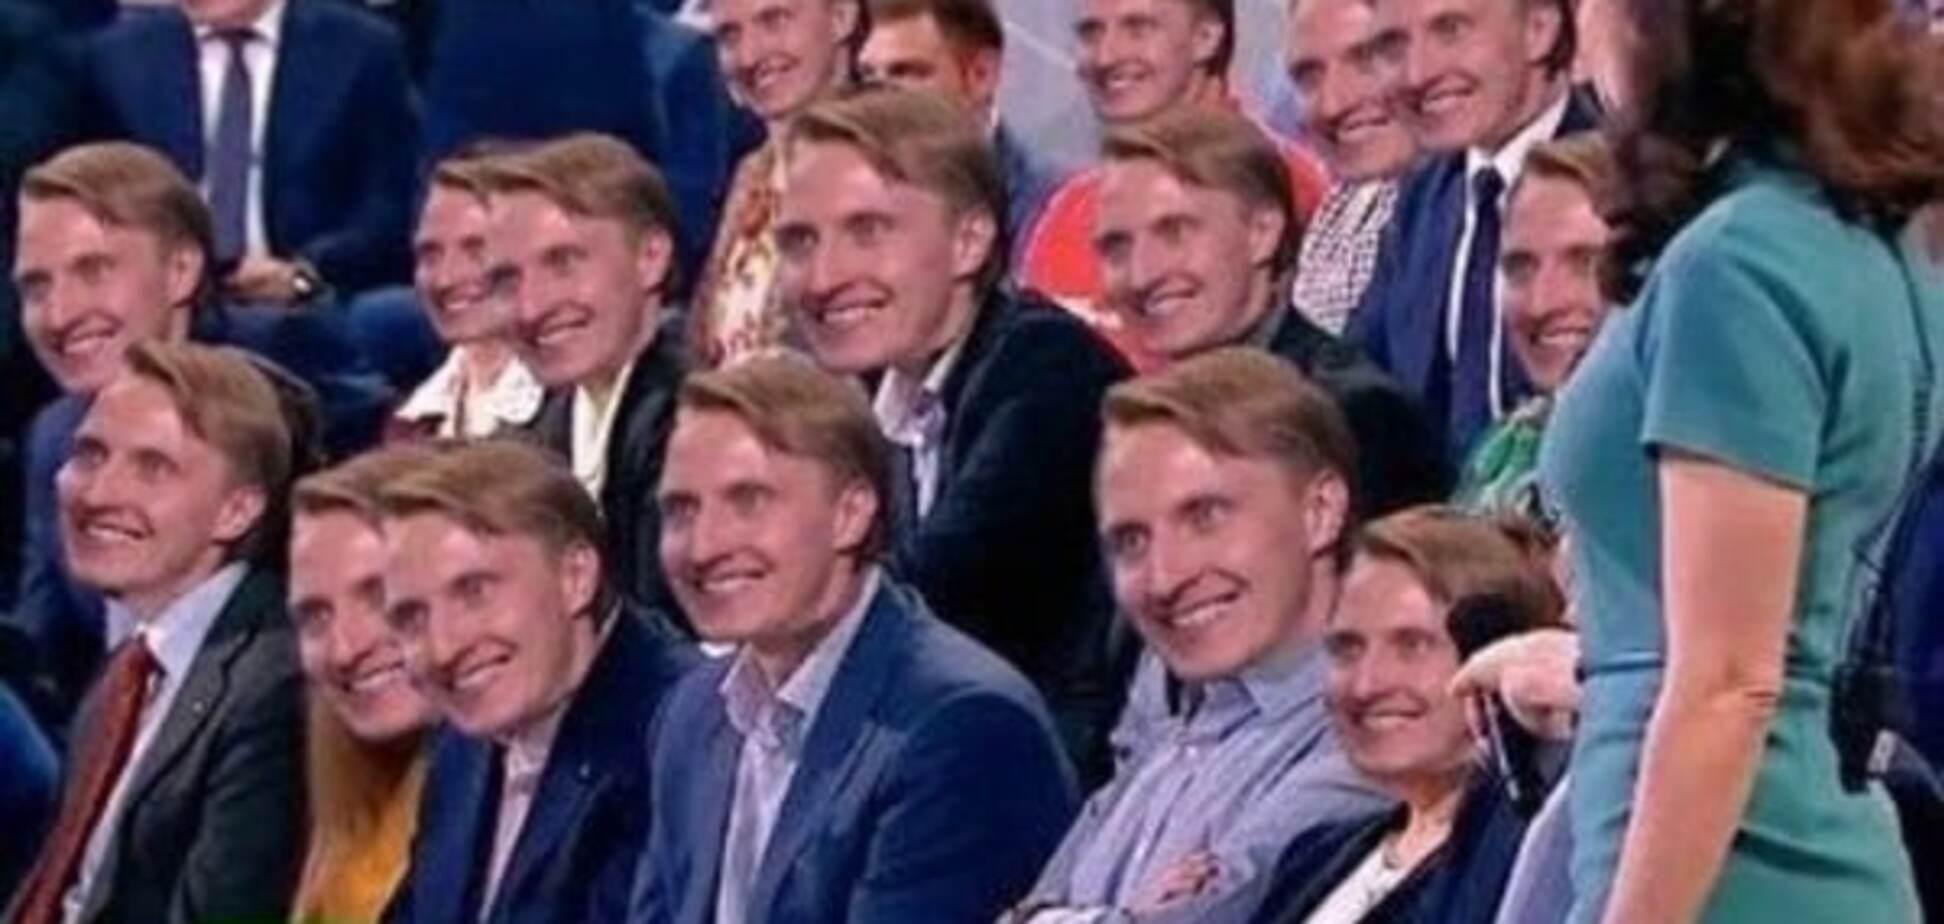 'Мельдоний забрал его душу': российского чемпиона высмеяли за реакцию на прямую линию Путина